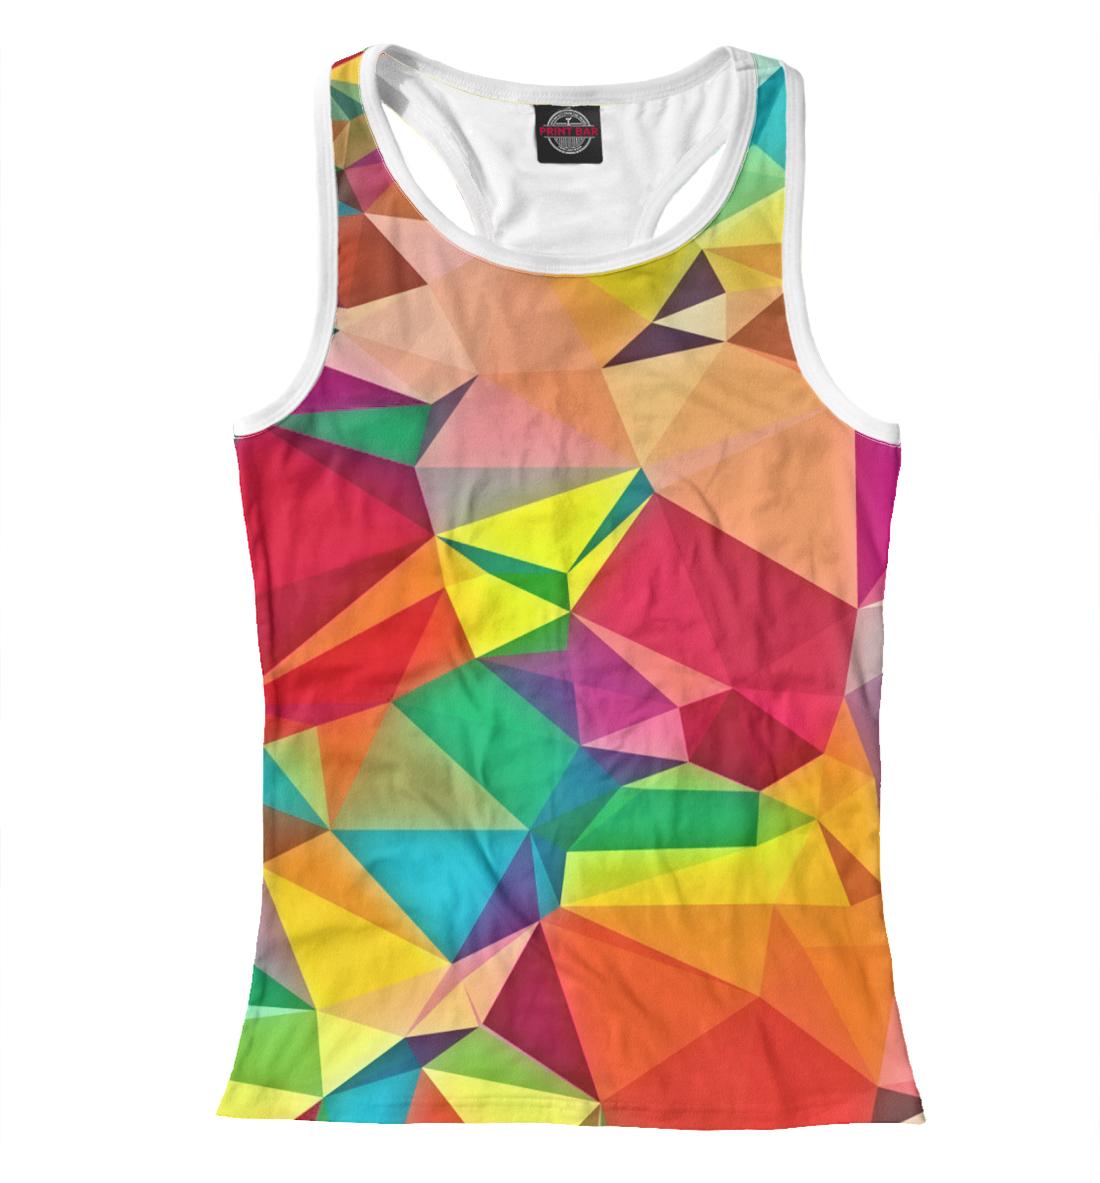 Купить Цветная абстракция, Printbar, Майки борцовки, ABS-277635-mayb-1